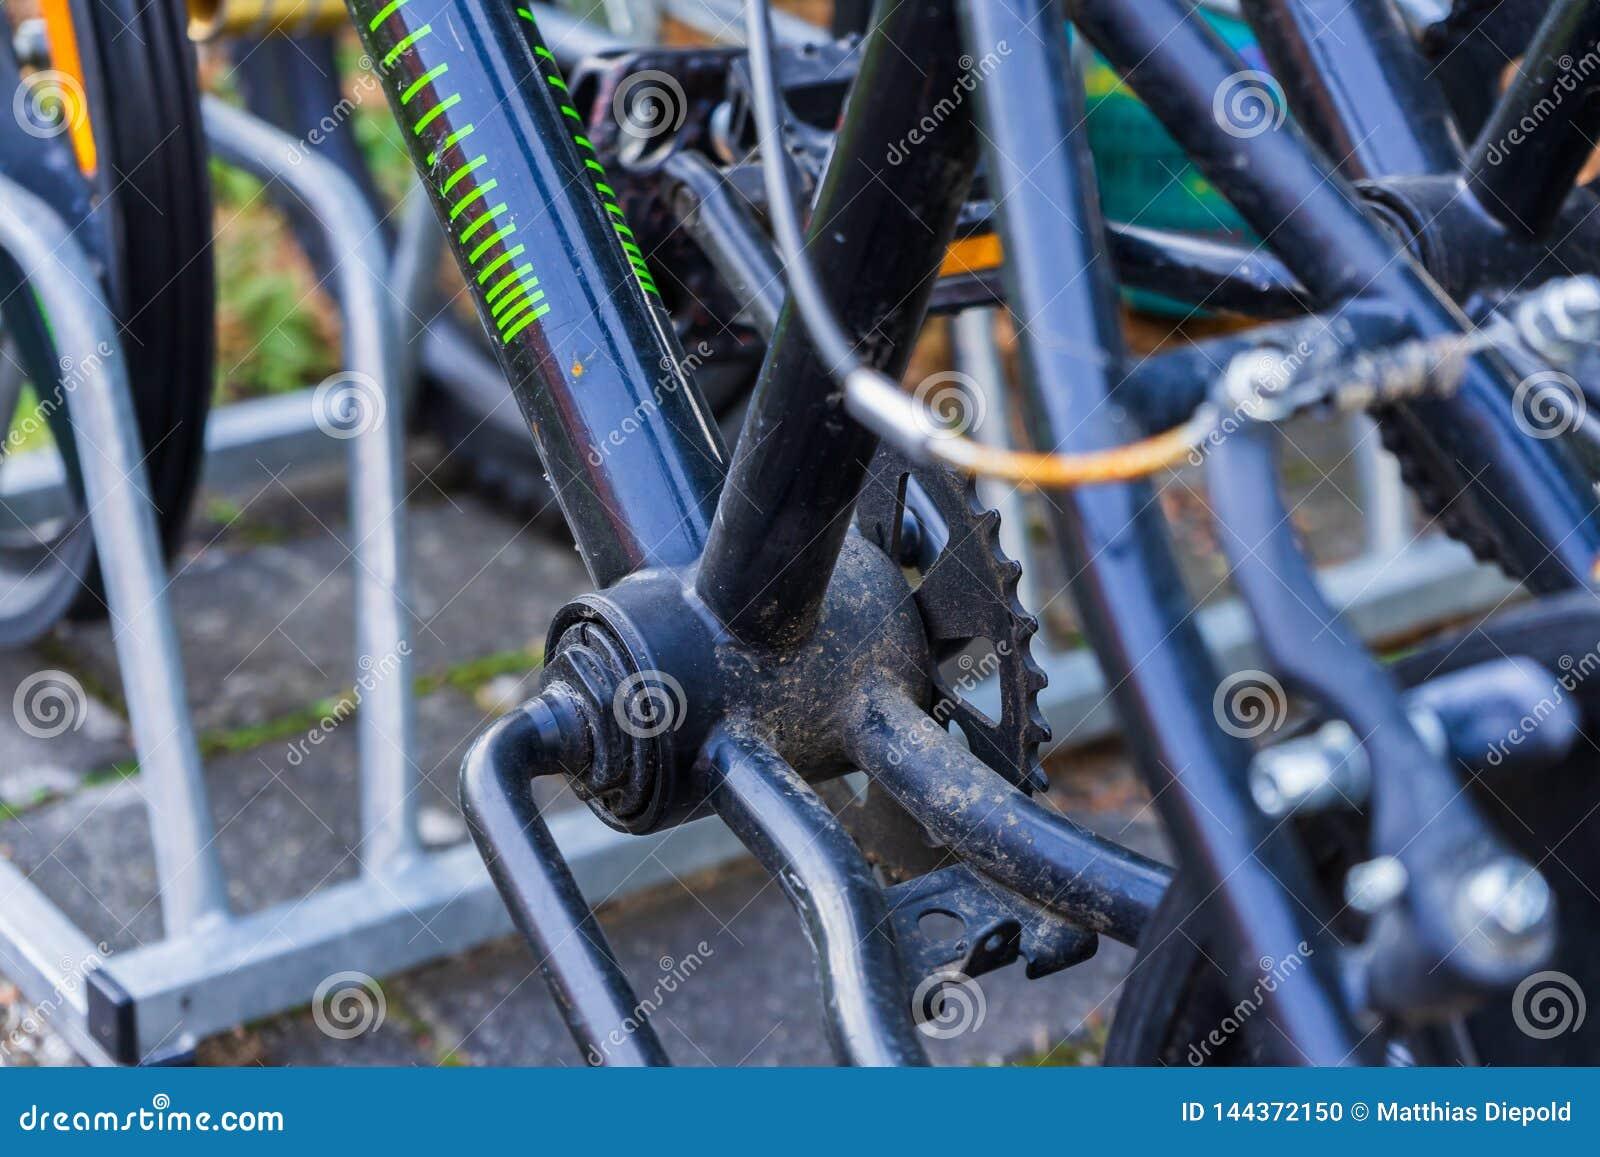 Pieza de una bicicleta de BMX